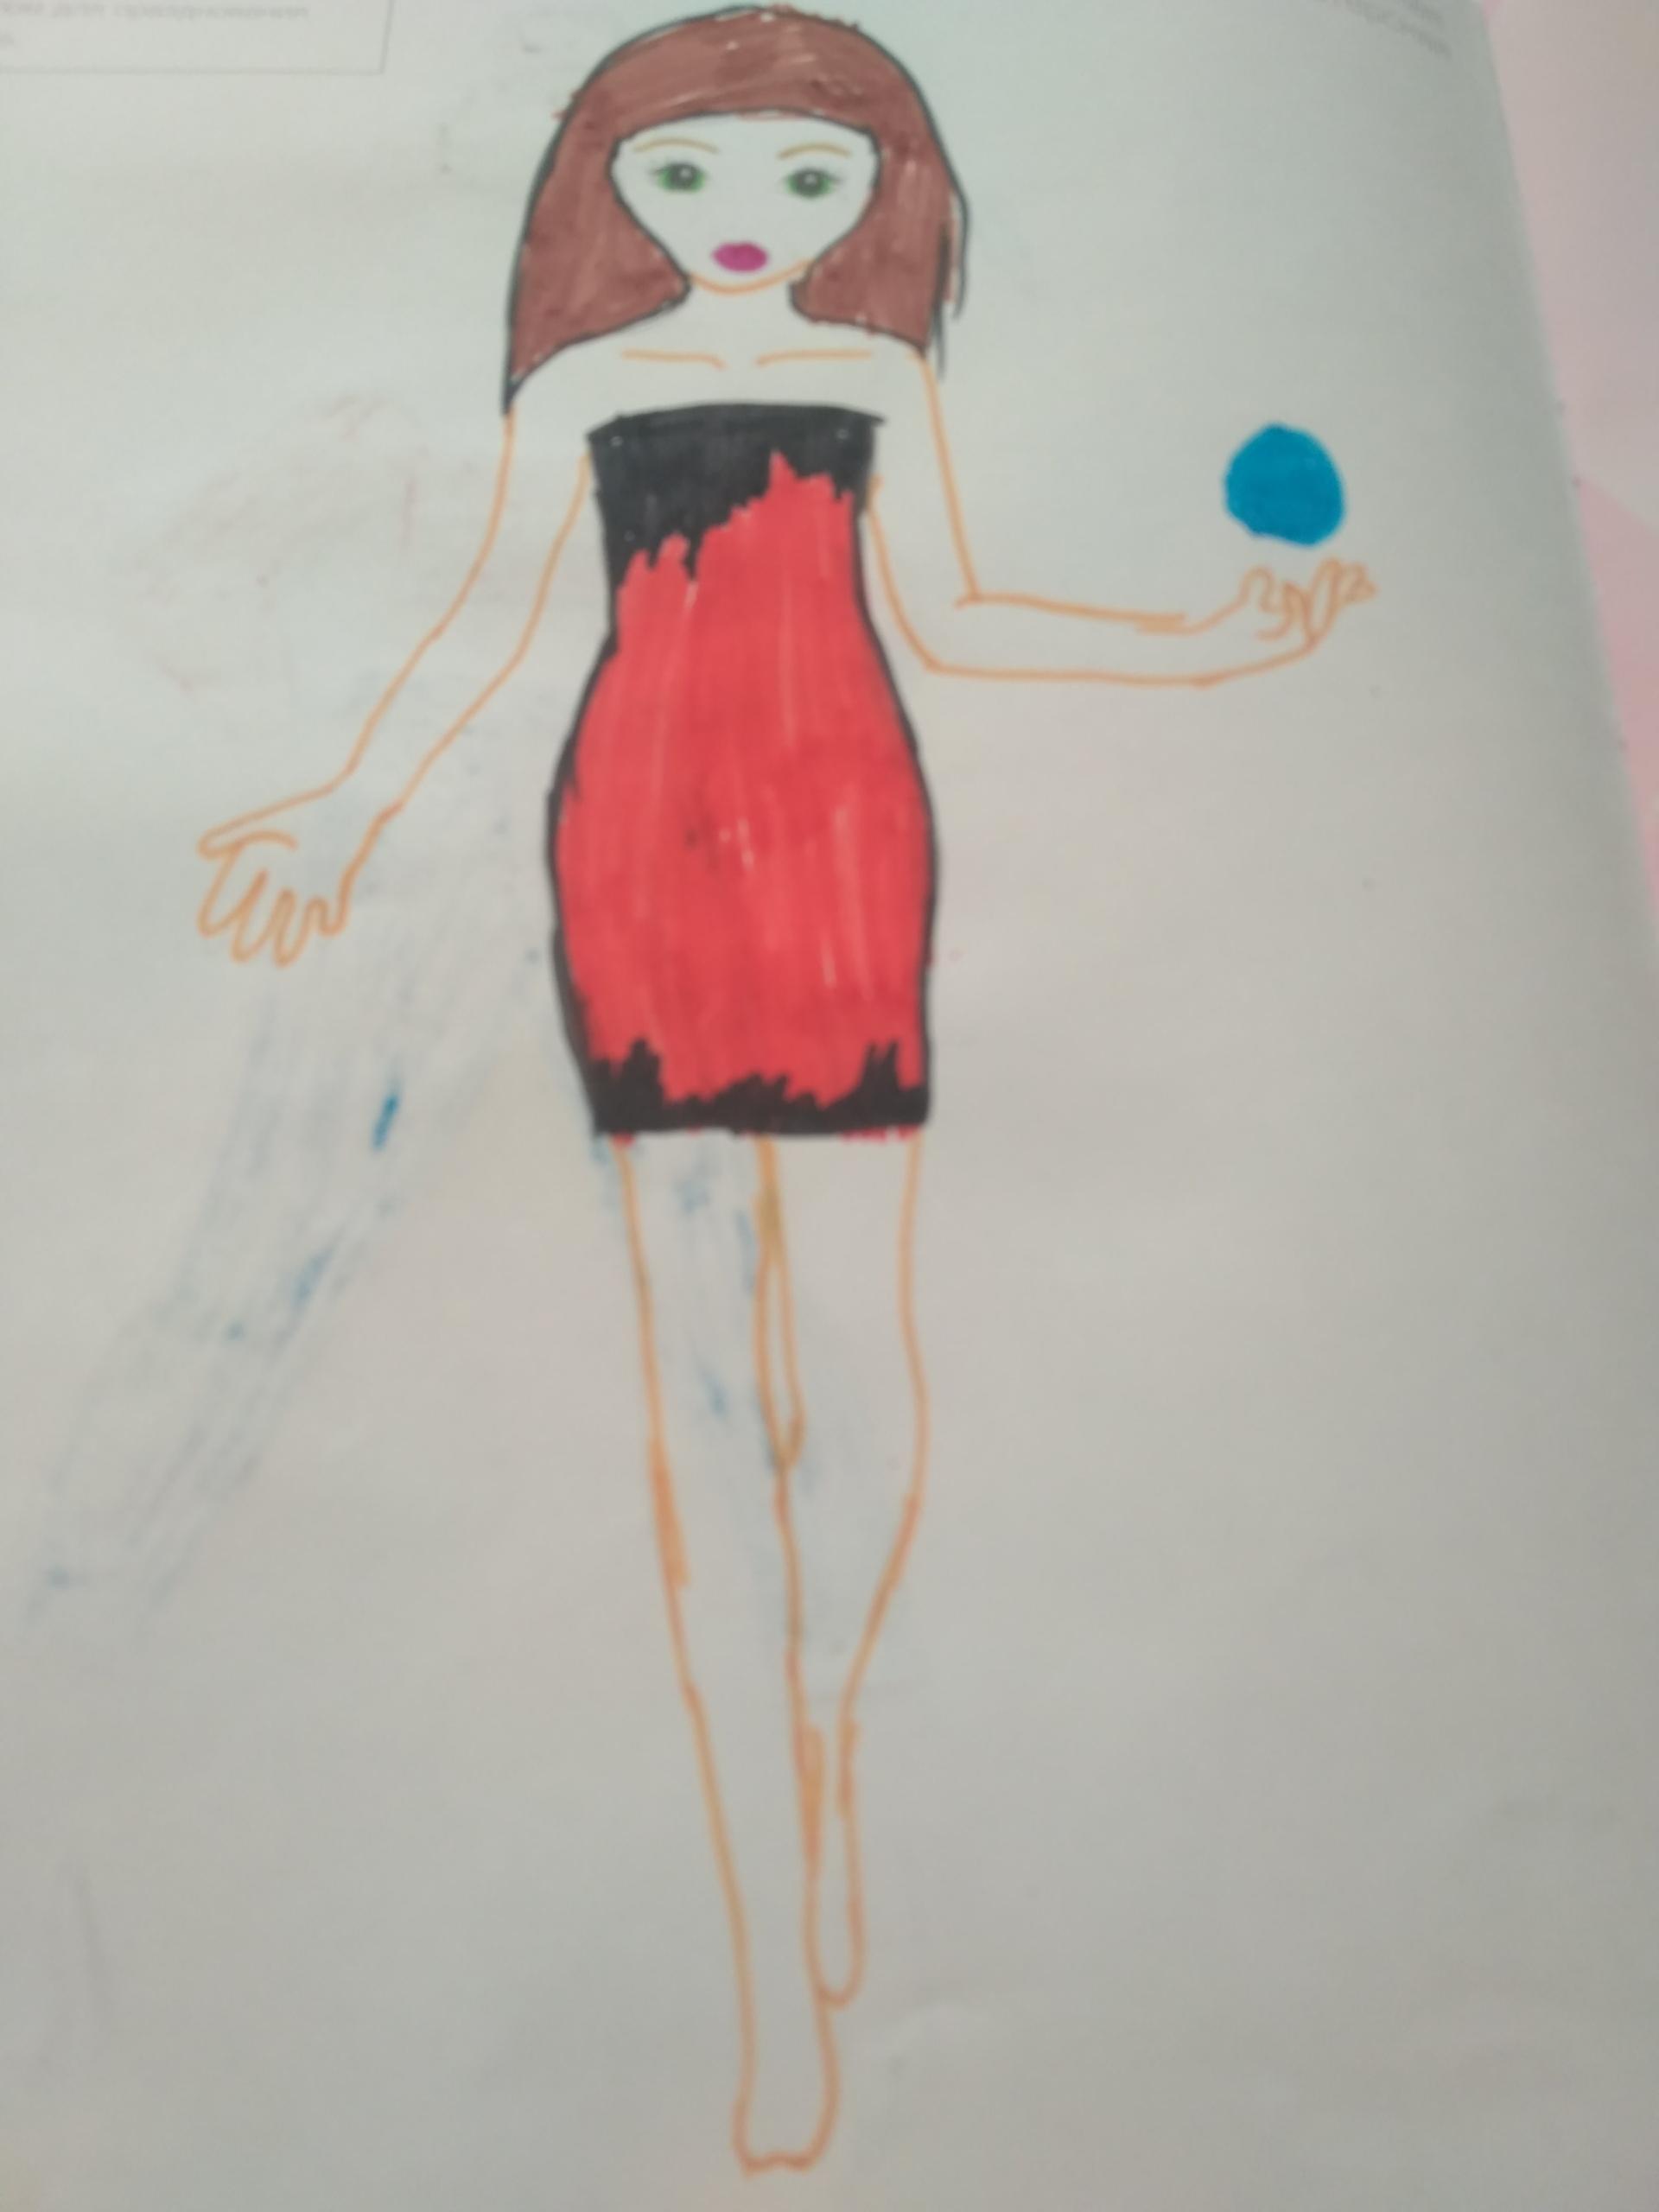 Соня Ч., 10 Jahre, aus Аркадак